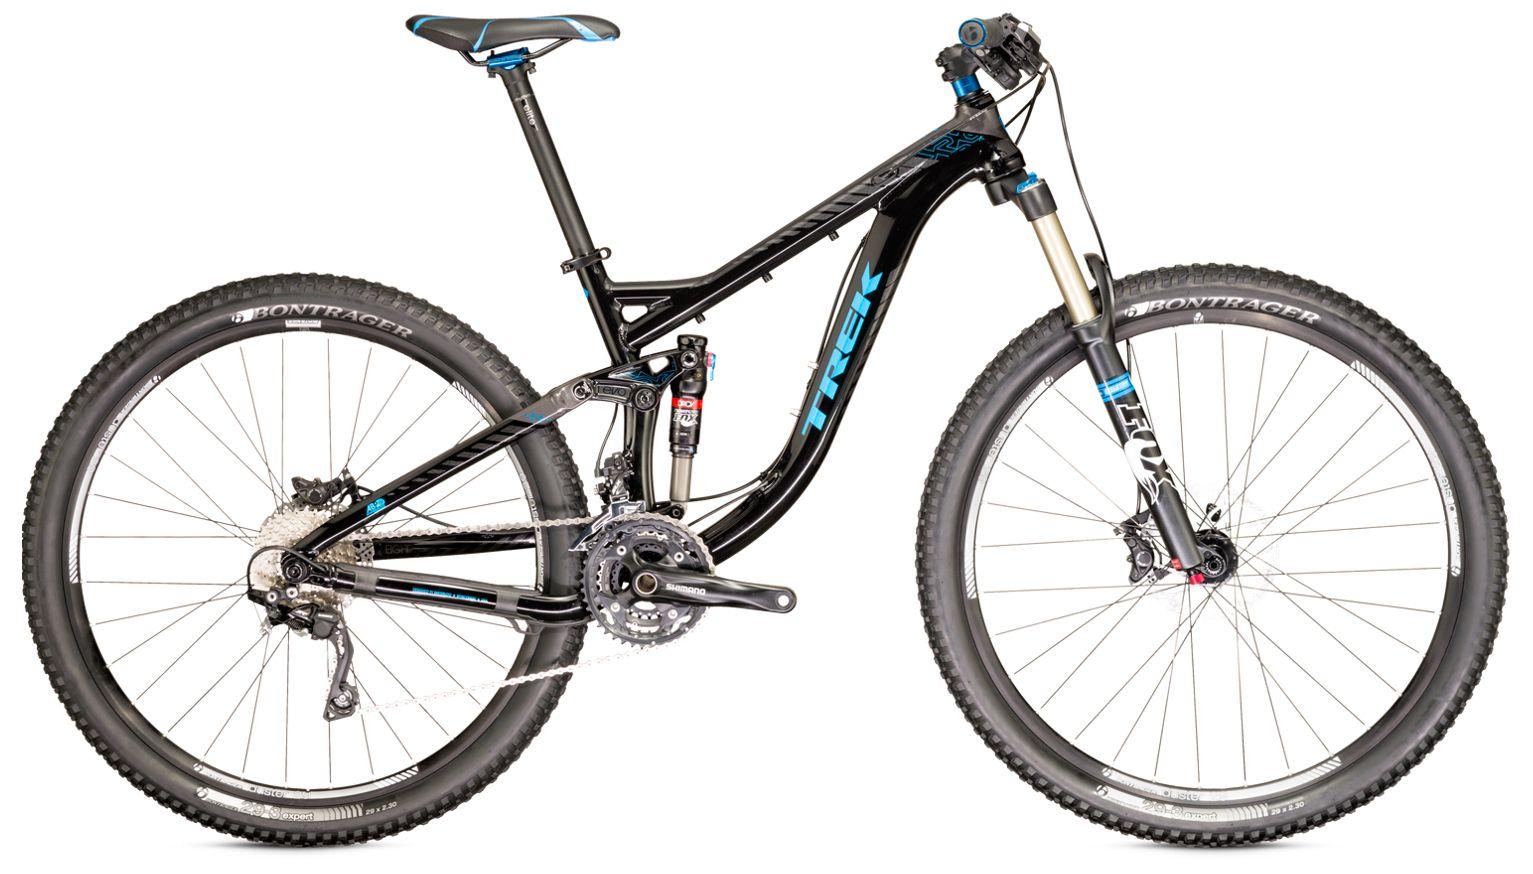 Велосипед Trek Remedy 8 29 2014,  Горные  - артикул:284026